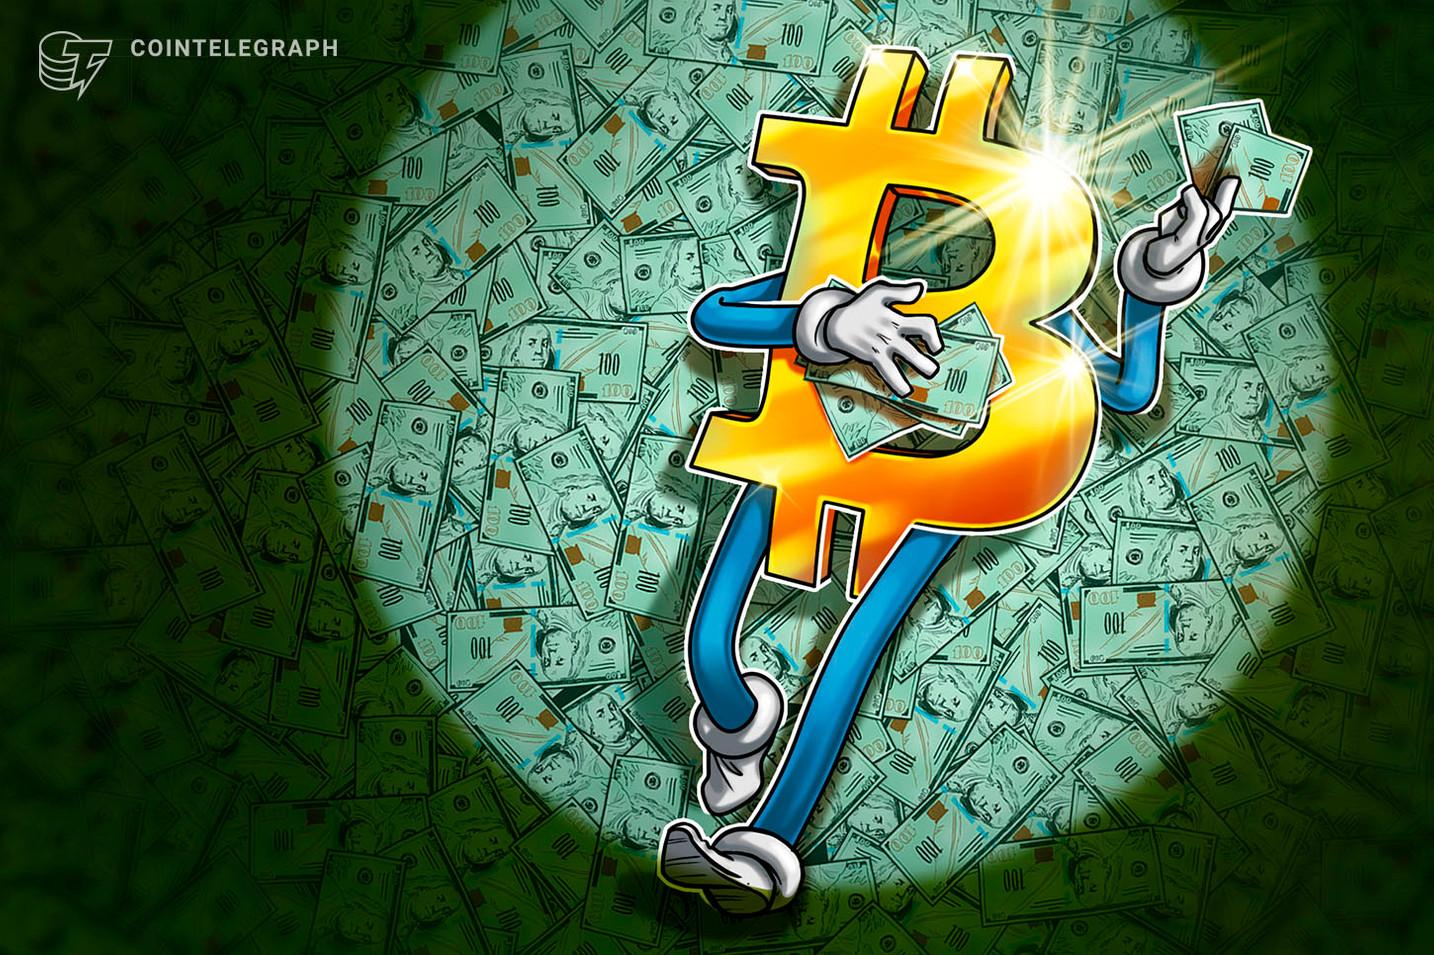 """Un analista de Bitcoin """"duda mucho"""" que el precio de BTC regrese a los USD 50,000: ¿El cierre semanal provocará una corrección?"""